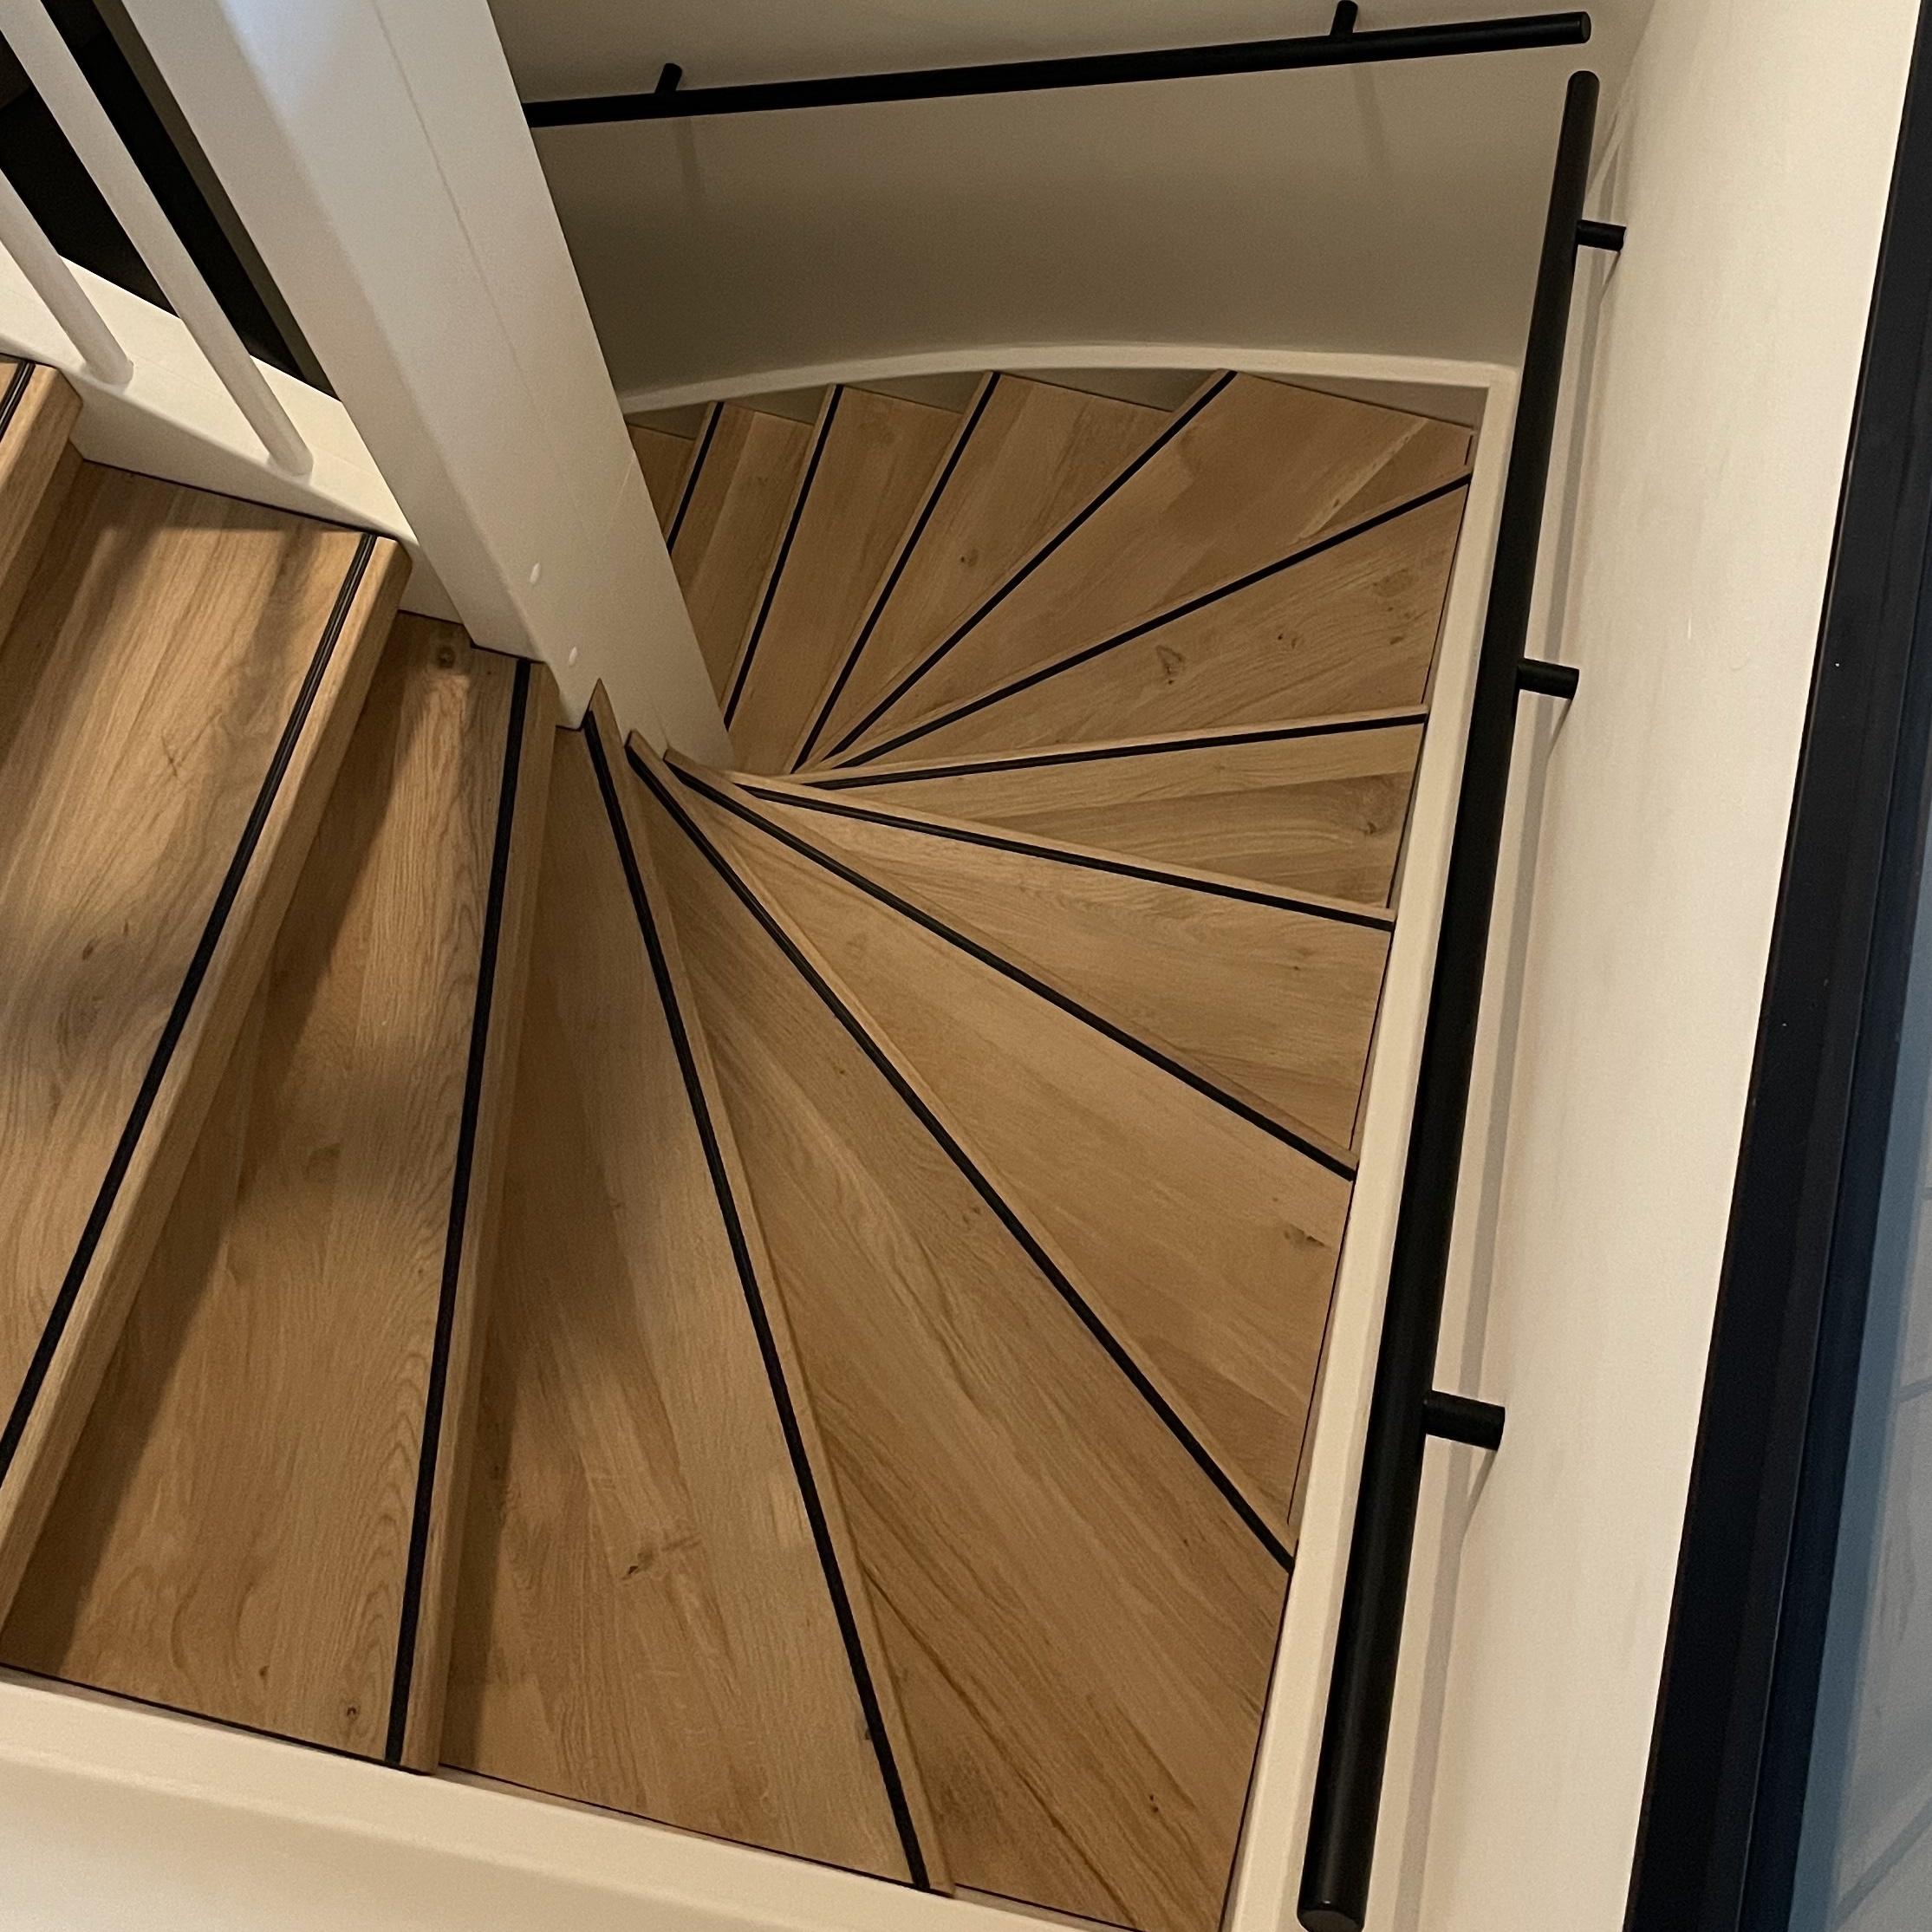 Handlauf schwarz beschichtet rund schmal Modell 14 - Runde Treppengeländer - Treppenhandlauf mit schwarzer Pulverbeschichtung RAL 9005